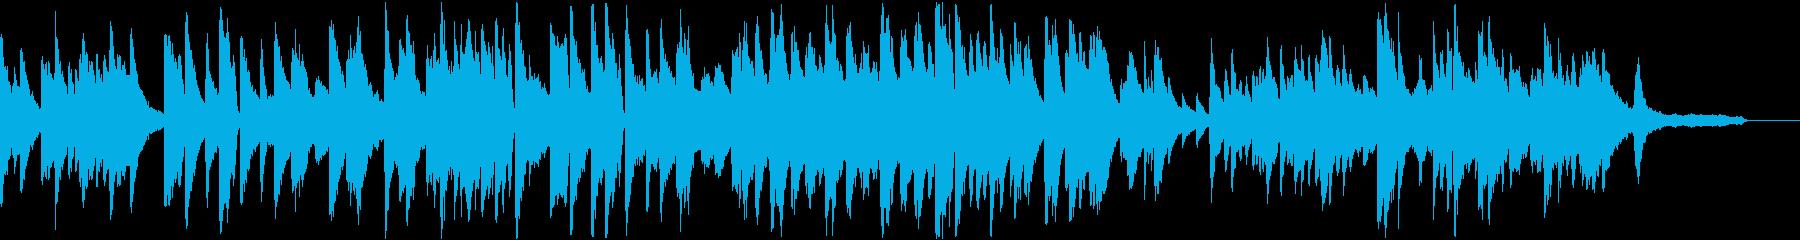 叙情的なピアノのメロディの再生済みの波形